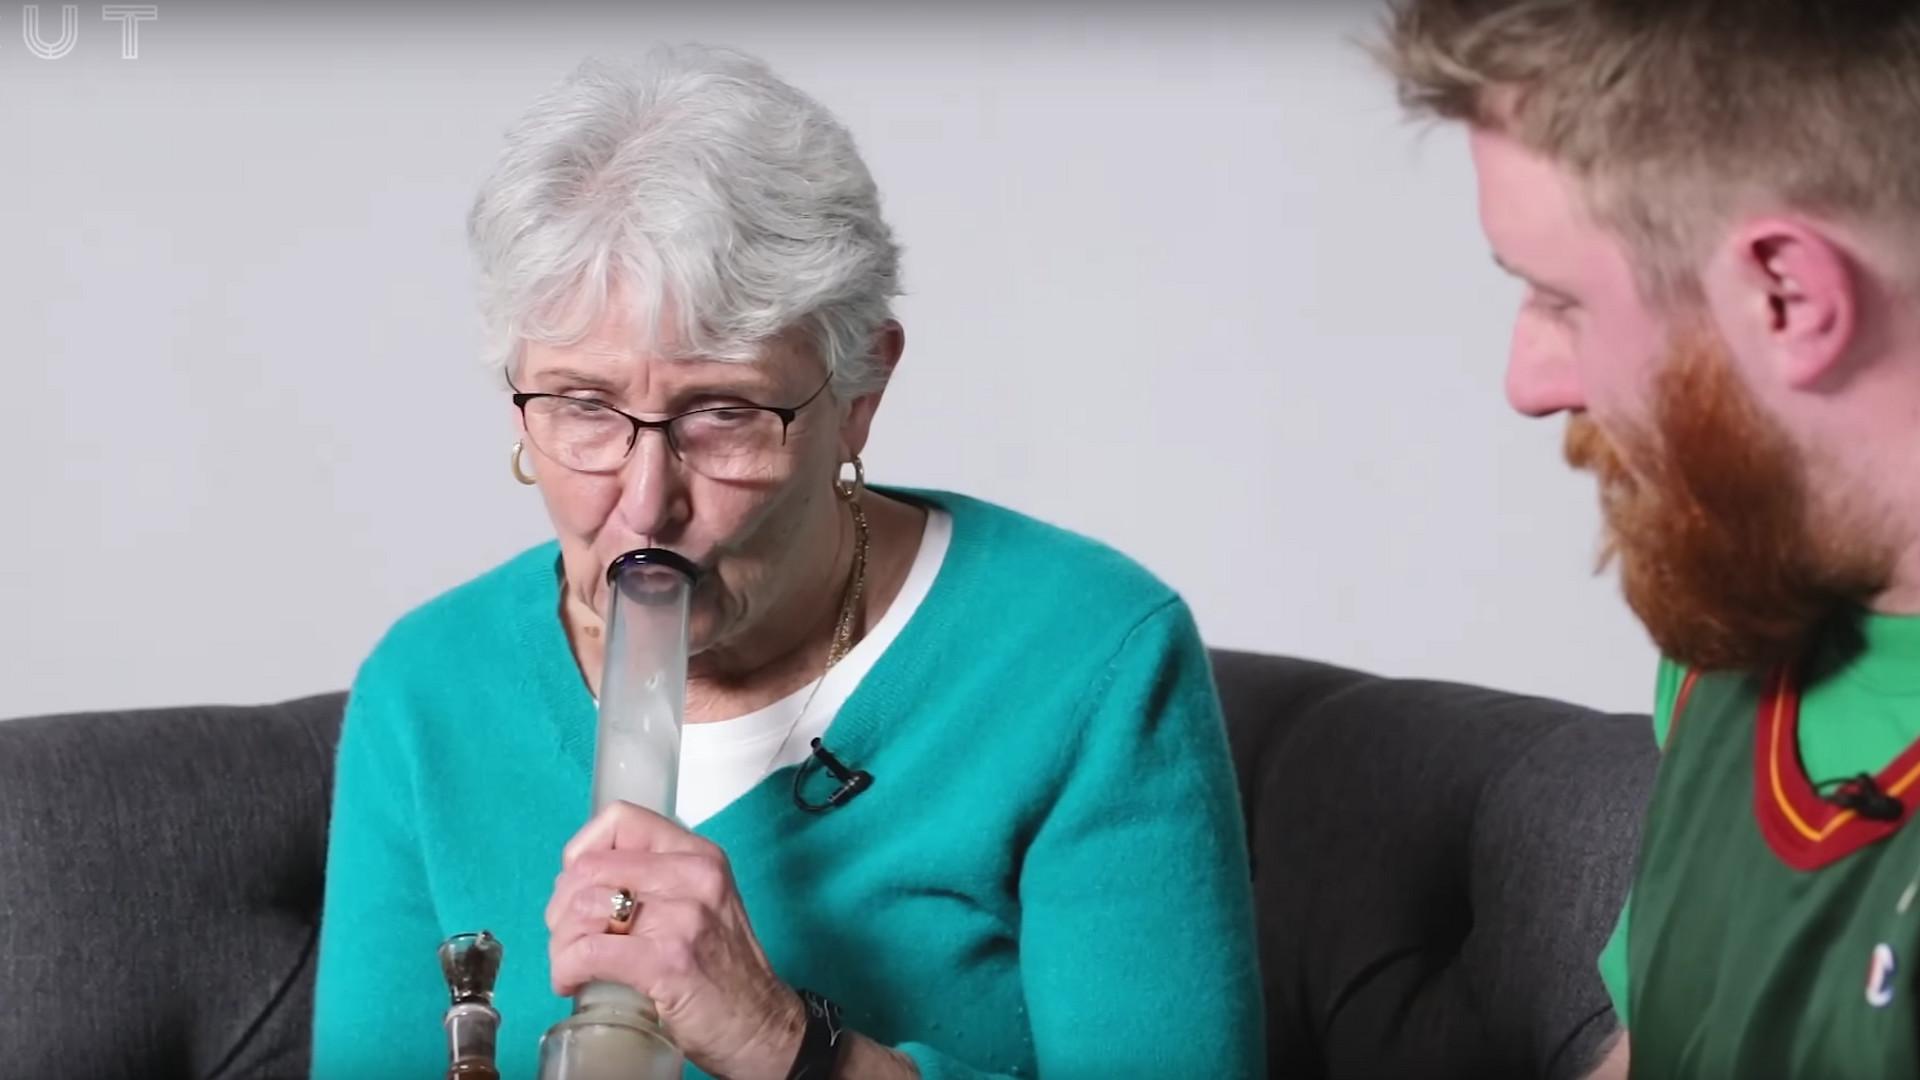 Oma und Enkel kiffen das erste Mal und es wird awkward - Noizz